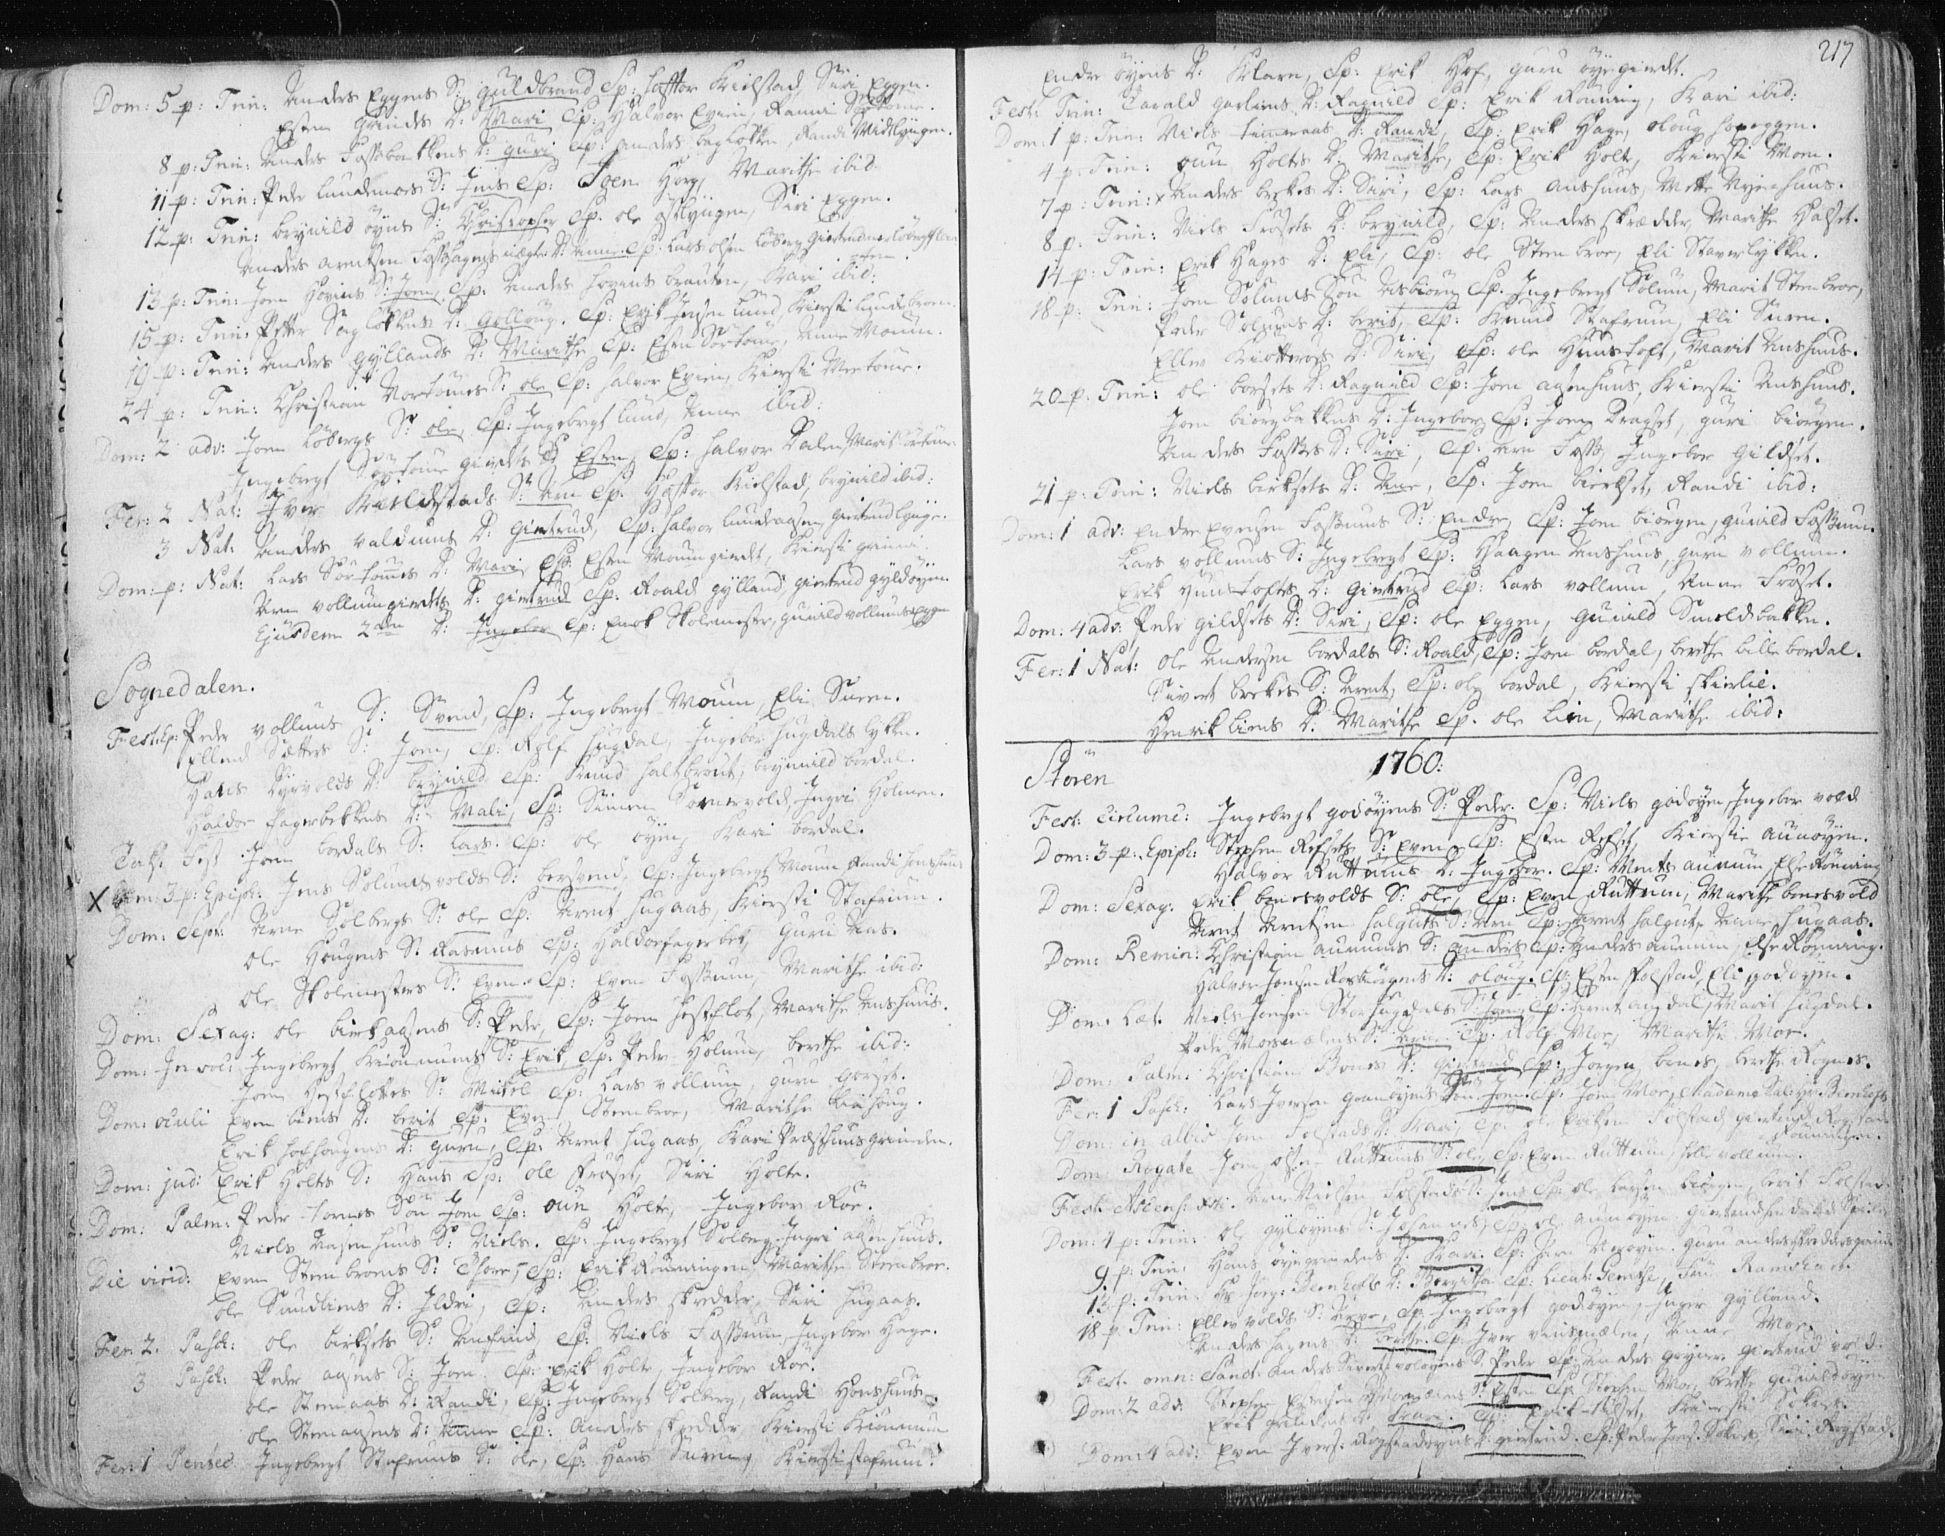 SAT, Ministerialprotokoller, klokkerbøker og fødselsregistre - Sør-Trøndelag, 687/L0991: Ministerialbok nr. 687A02, 1747-1790, s. 217